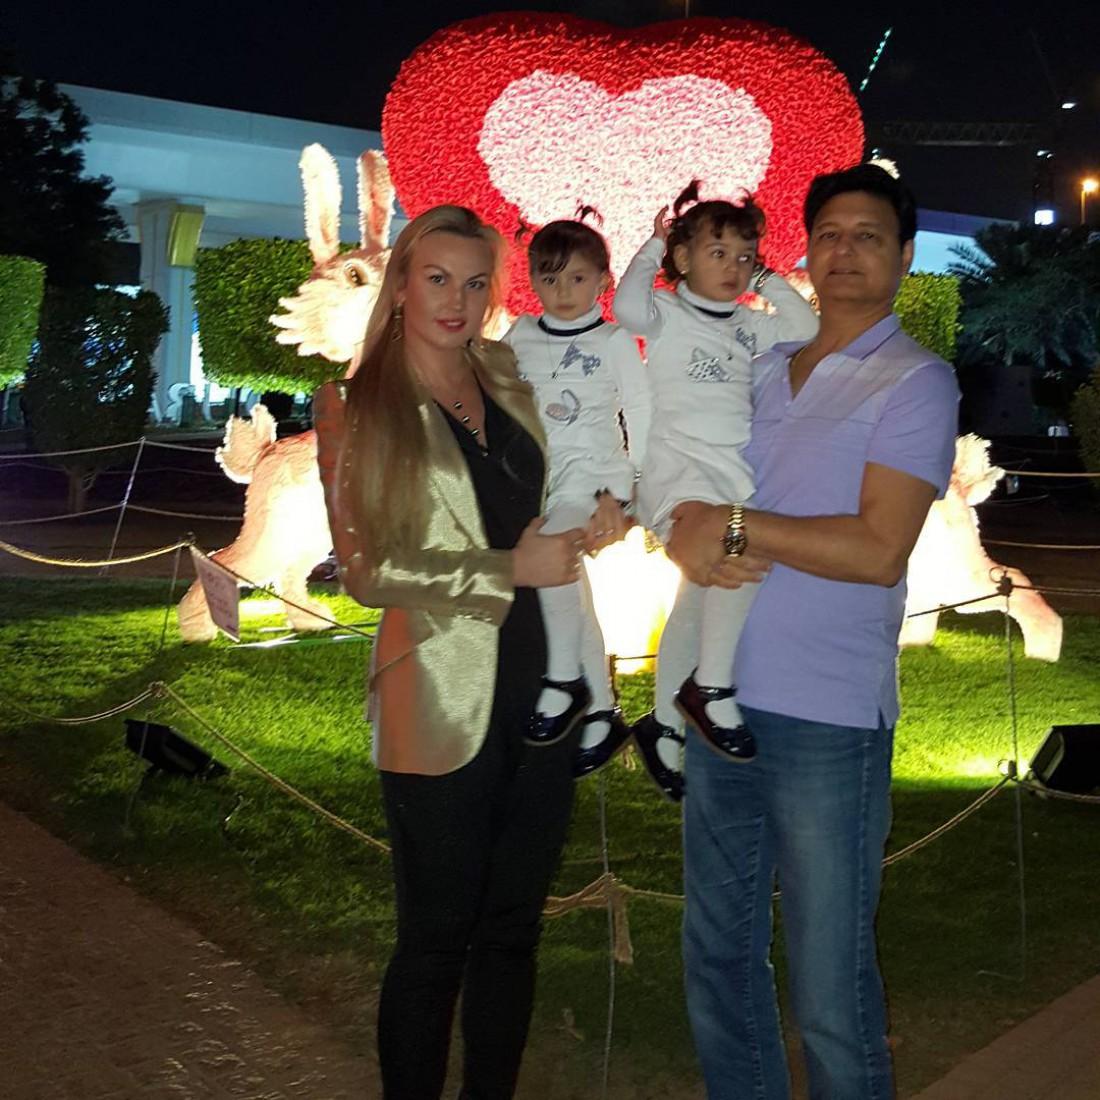 Камалия с мужем Мохаммадом и их детьми Арабеллой и Мирабеллой